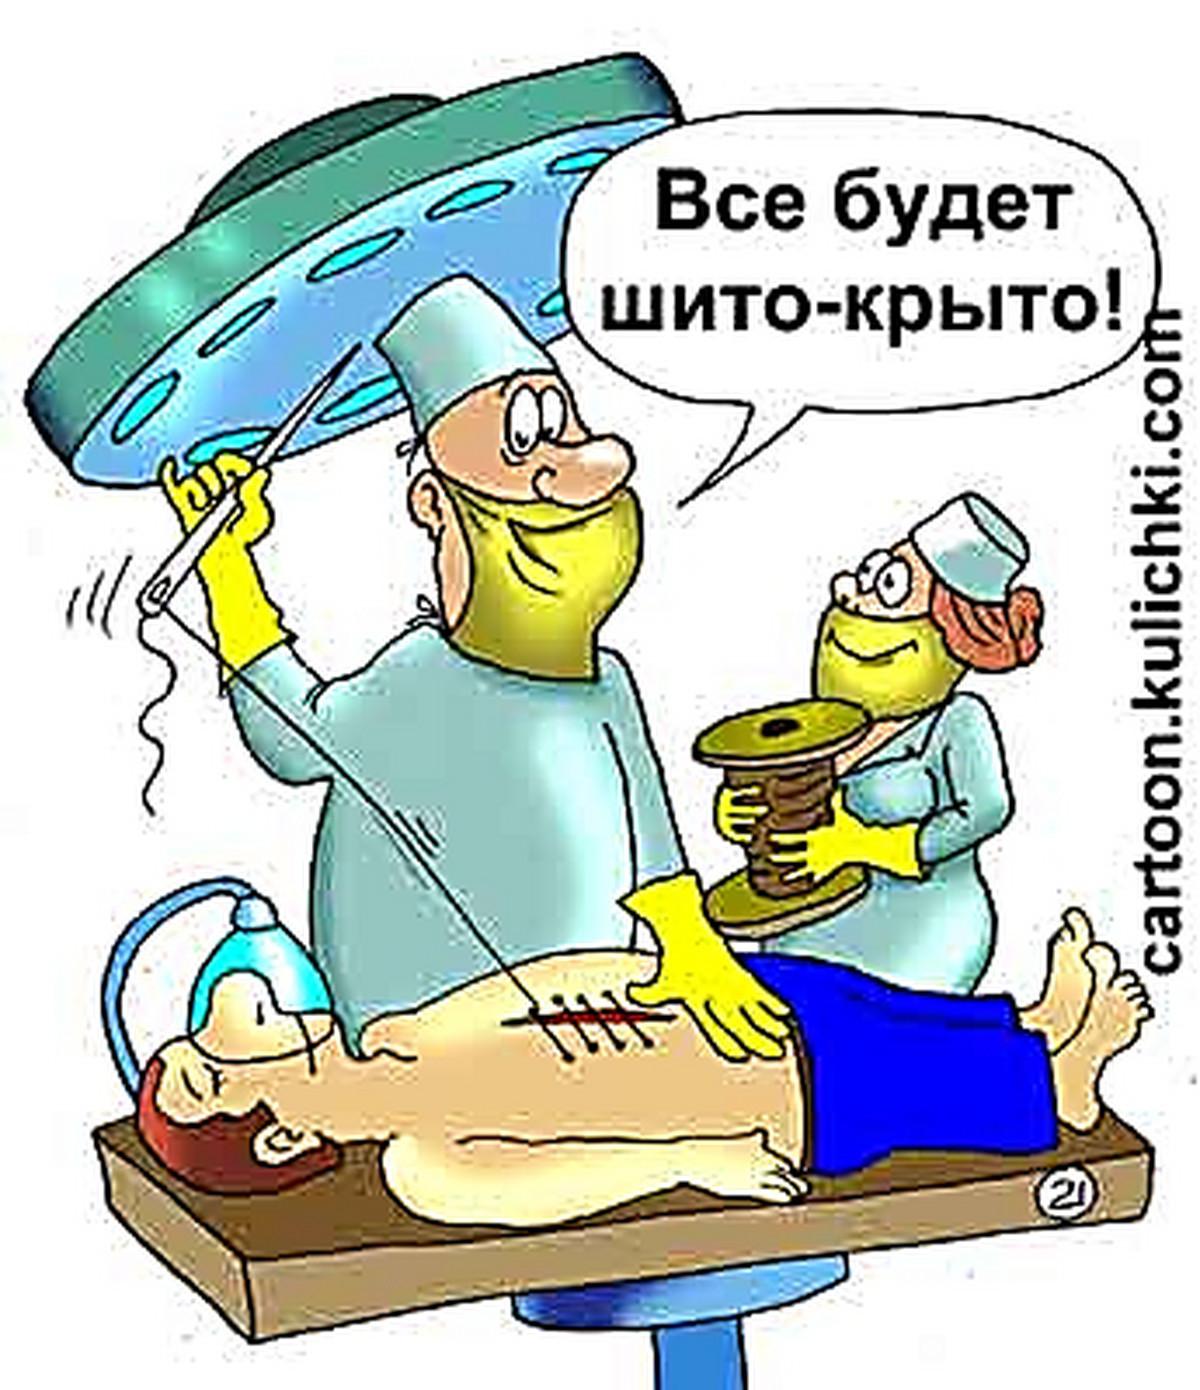 Смешная картинка про хирурга